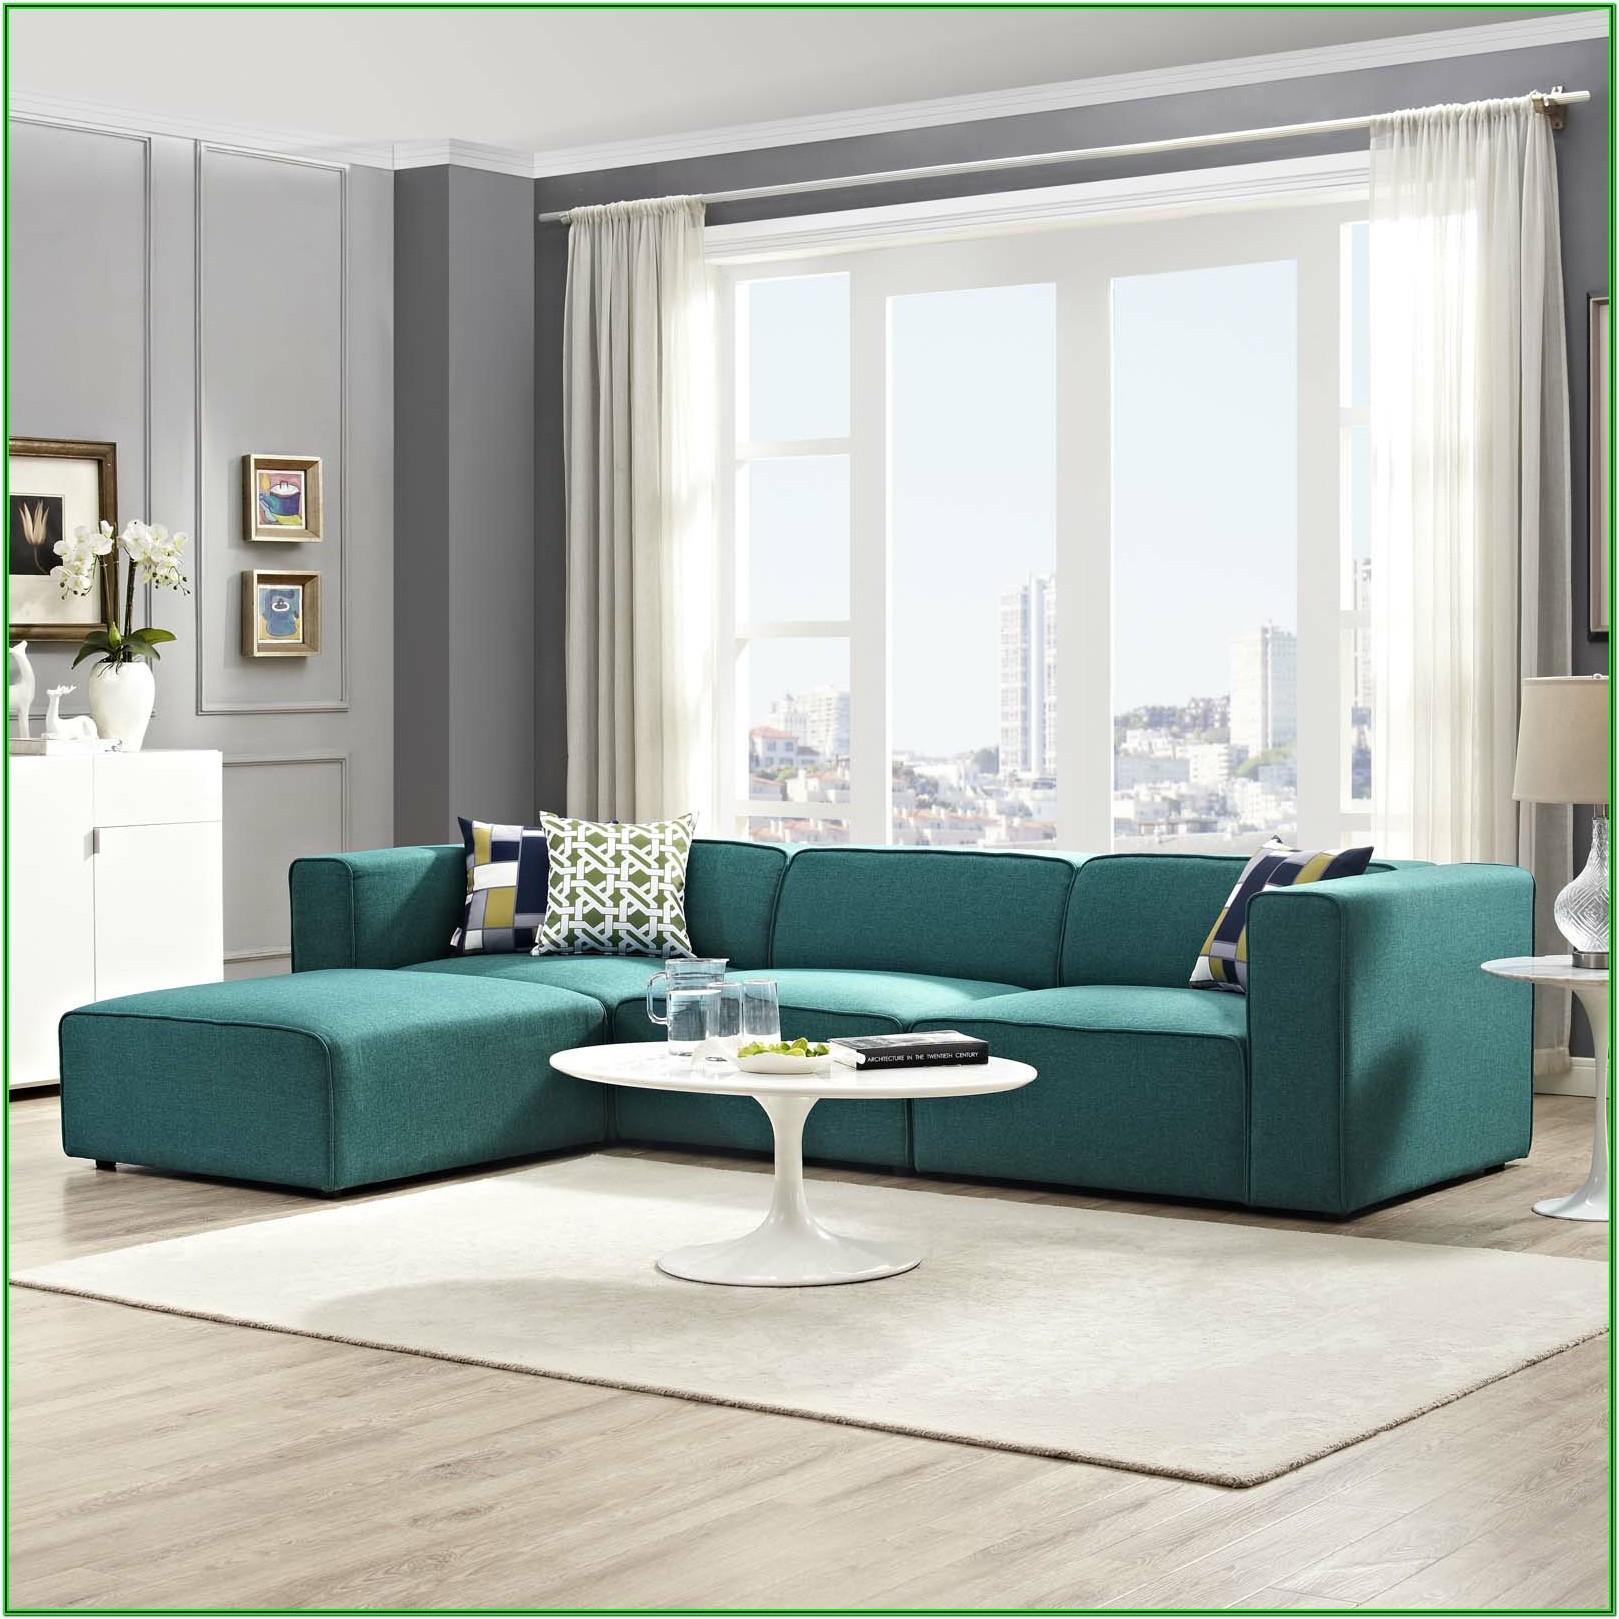 Designer Sofas For Living Room